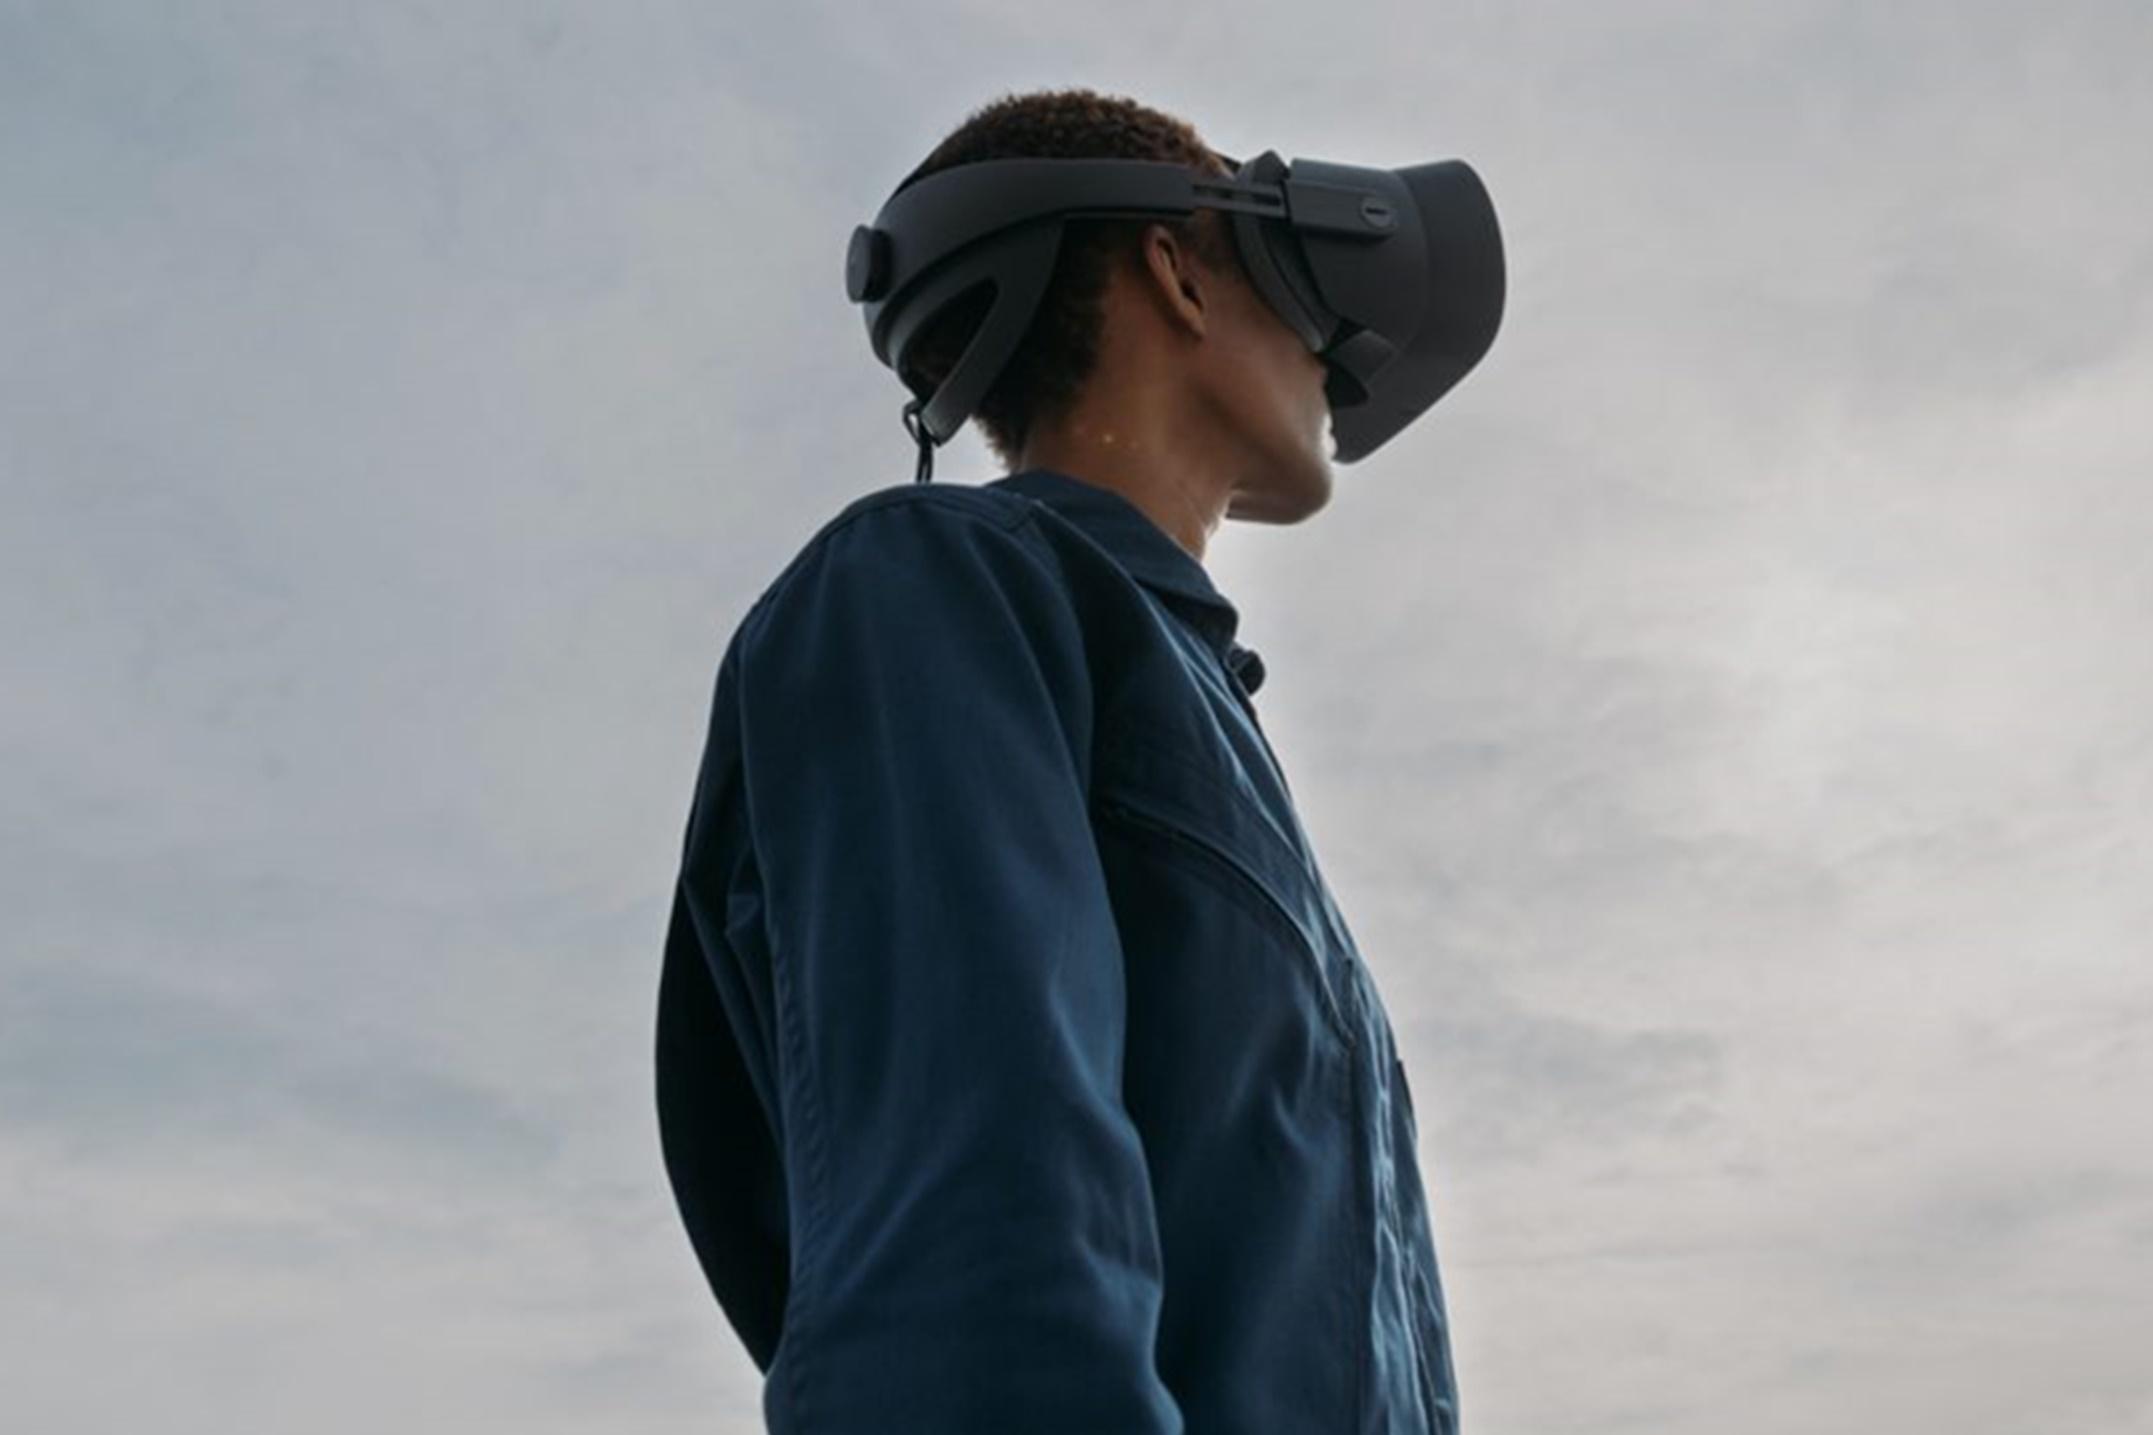 Imagem de Inédito: novo aparelho de VR iguala resolução do olho humano a 3.000 ppi no tecmundo